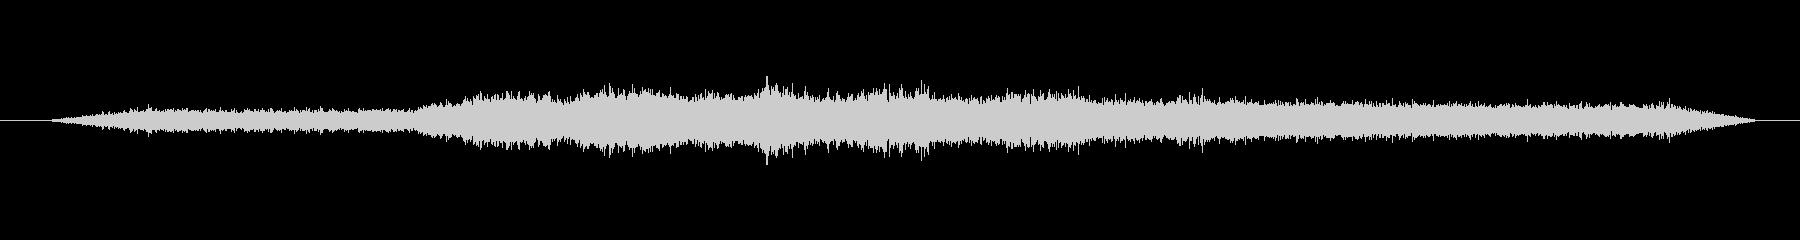 ミンミンゼミとアブラゼミ_02の未再生の波形